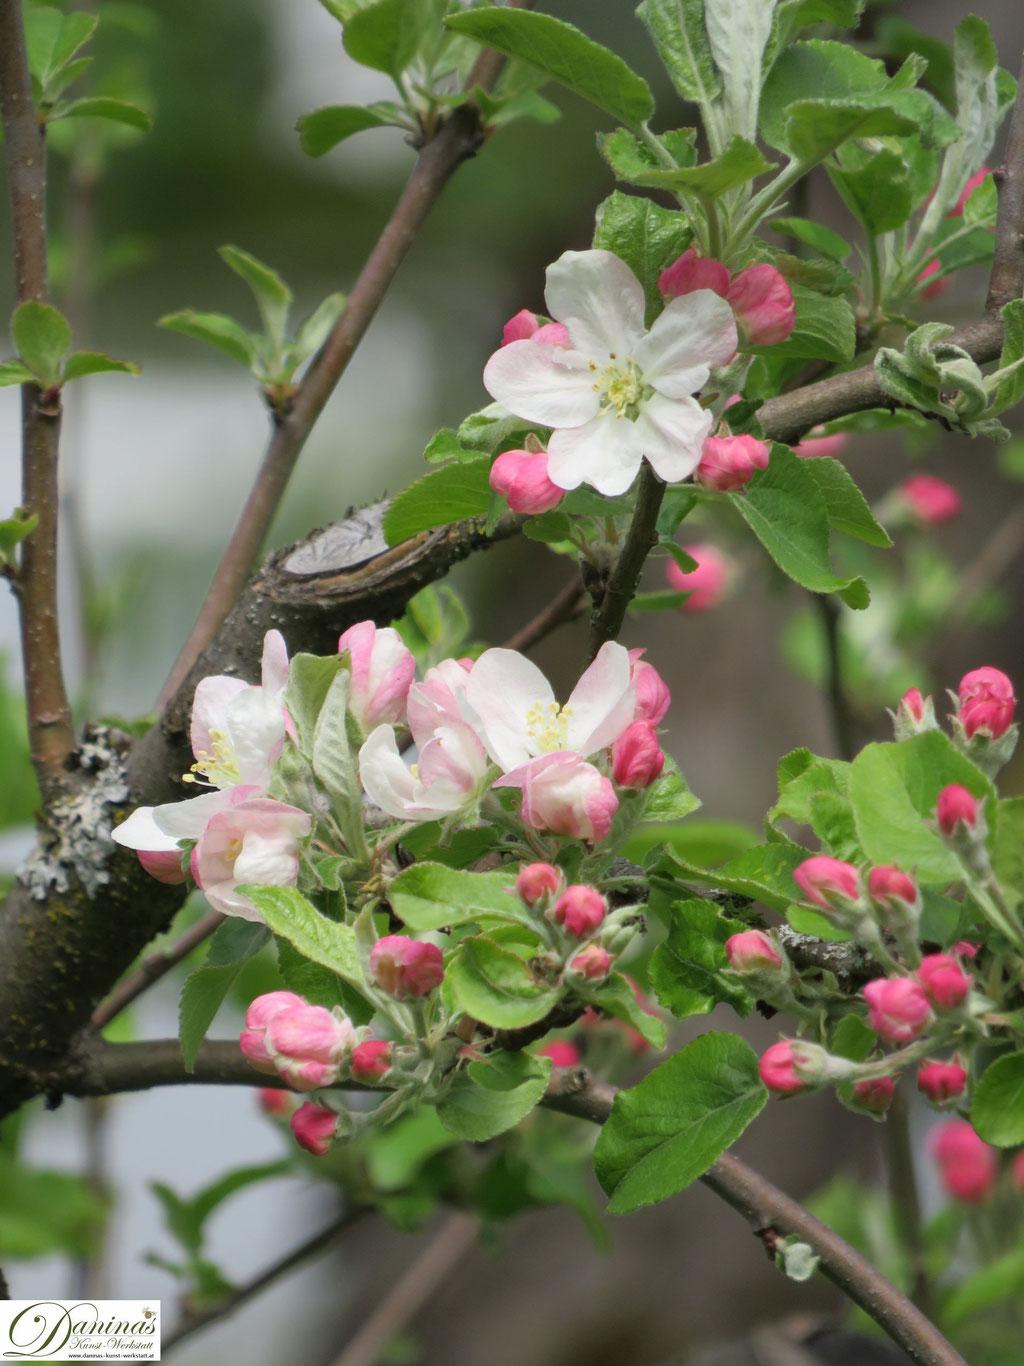 Apfelbaum - erste Knospen und Blüten im Frühling